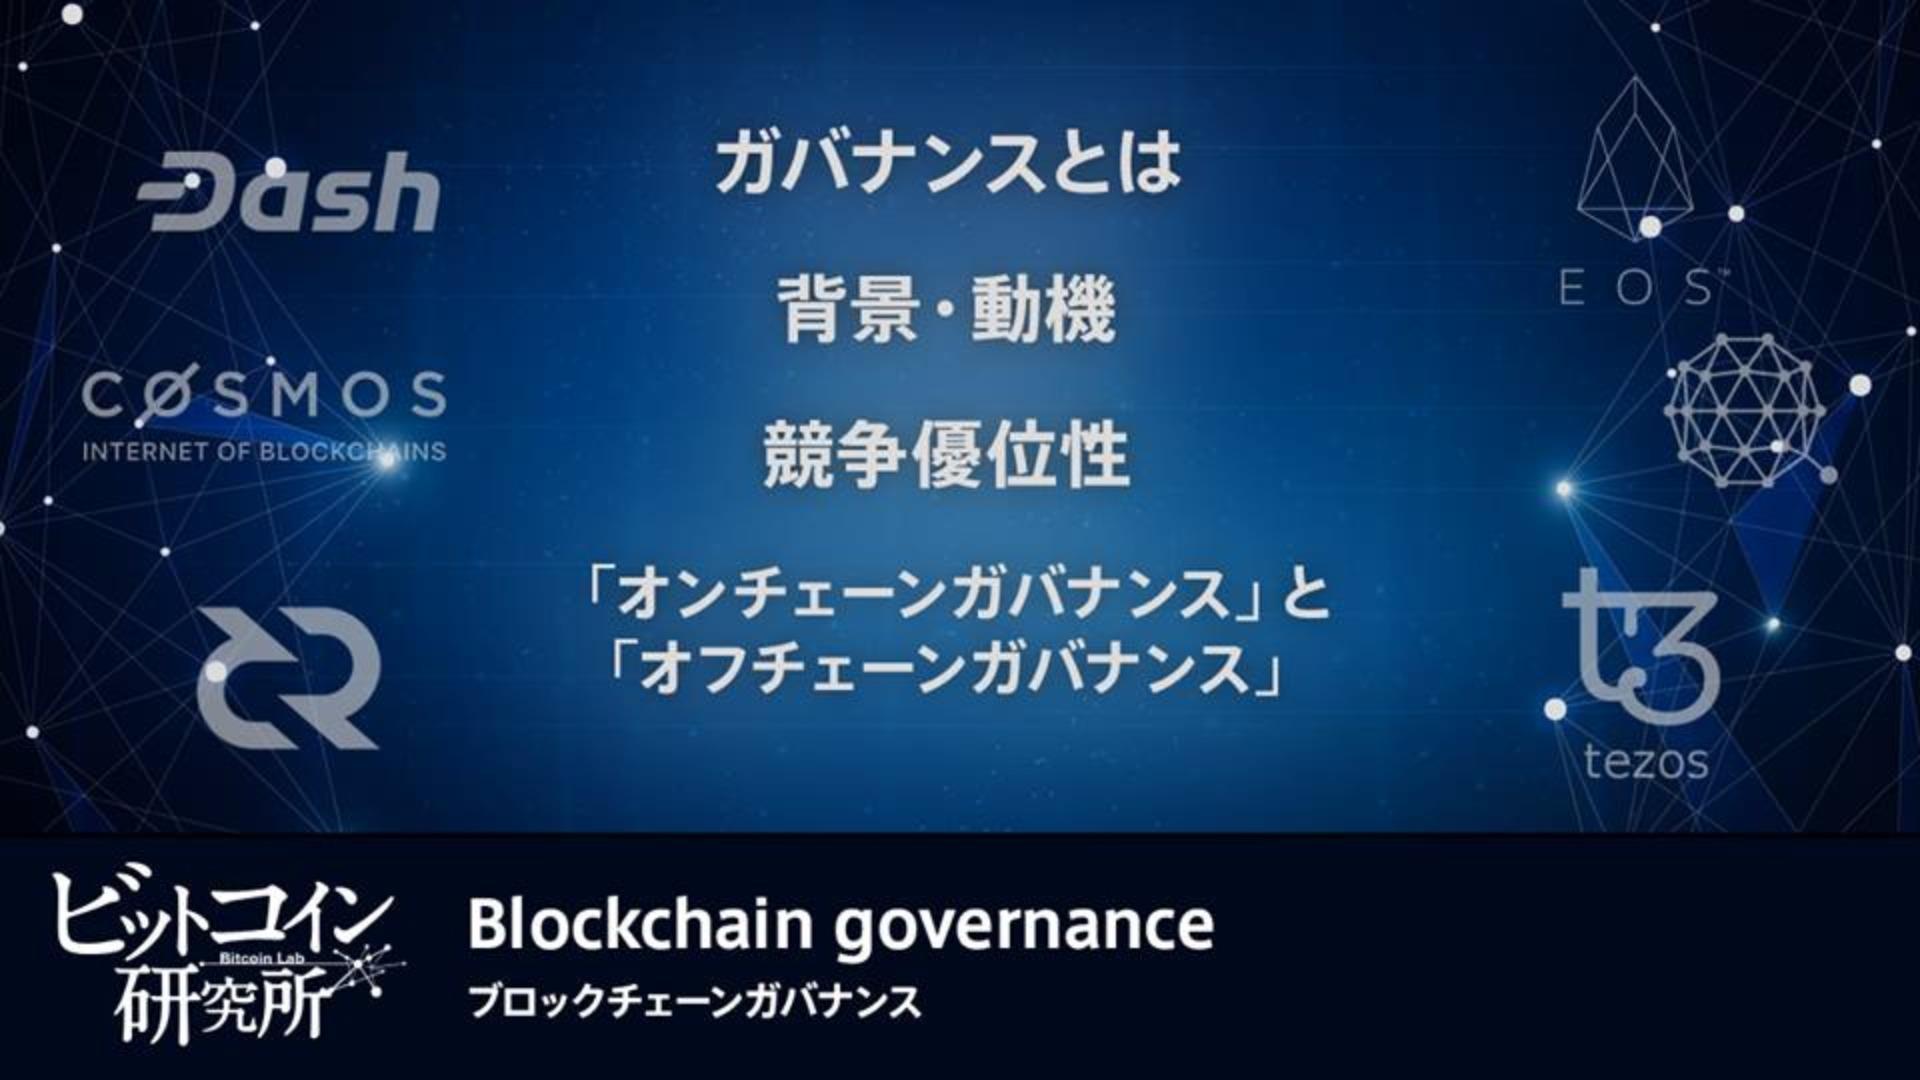 【レポート No.125】ブロックチェーンガバナンス